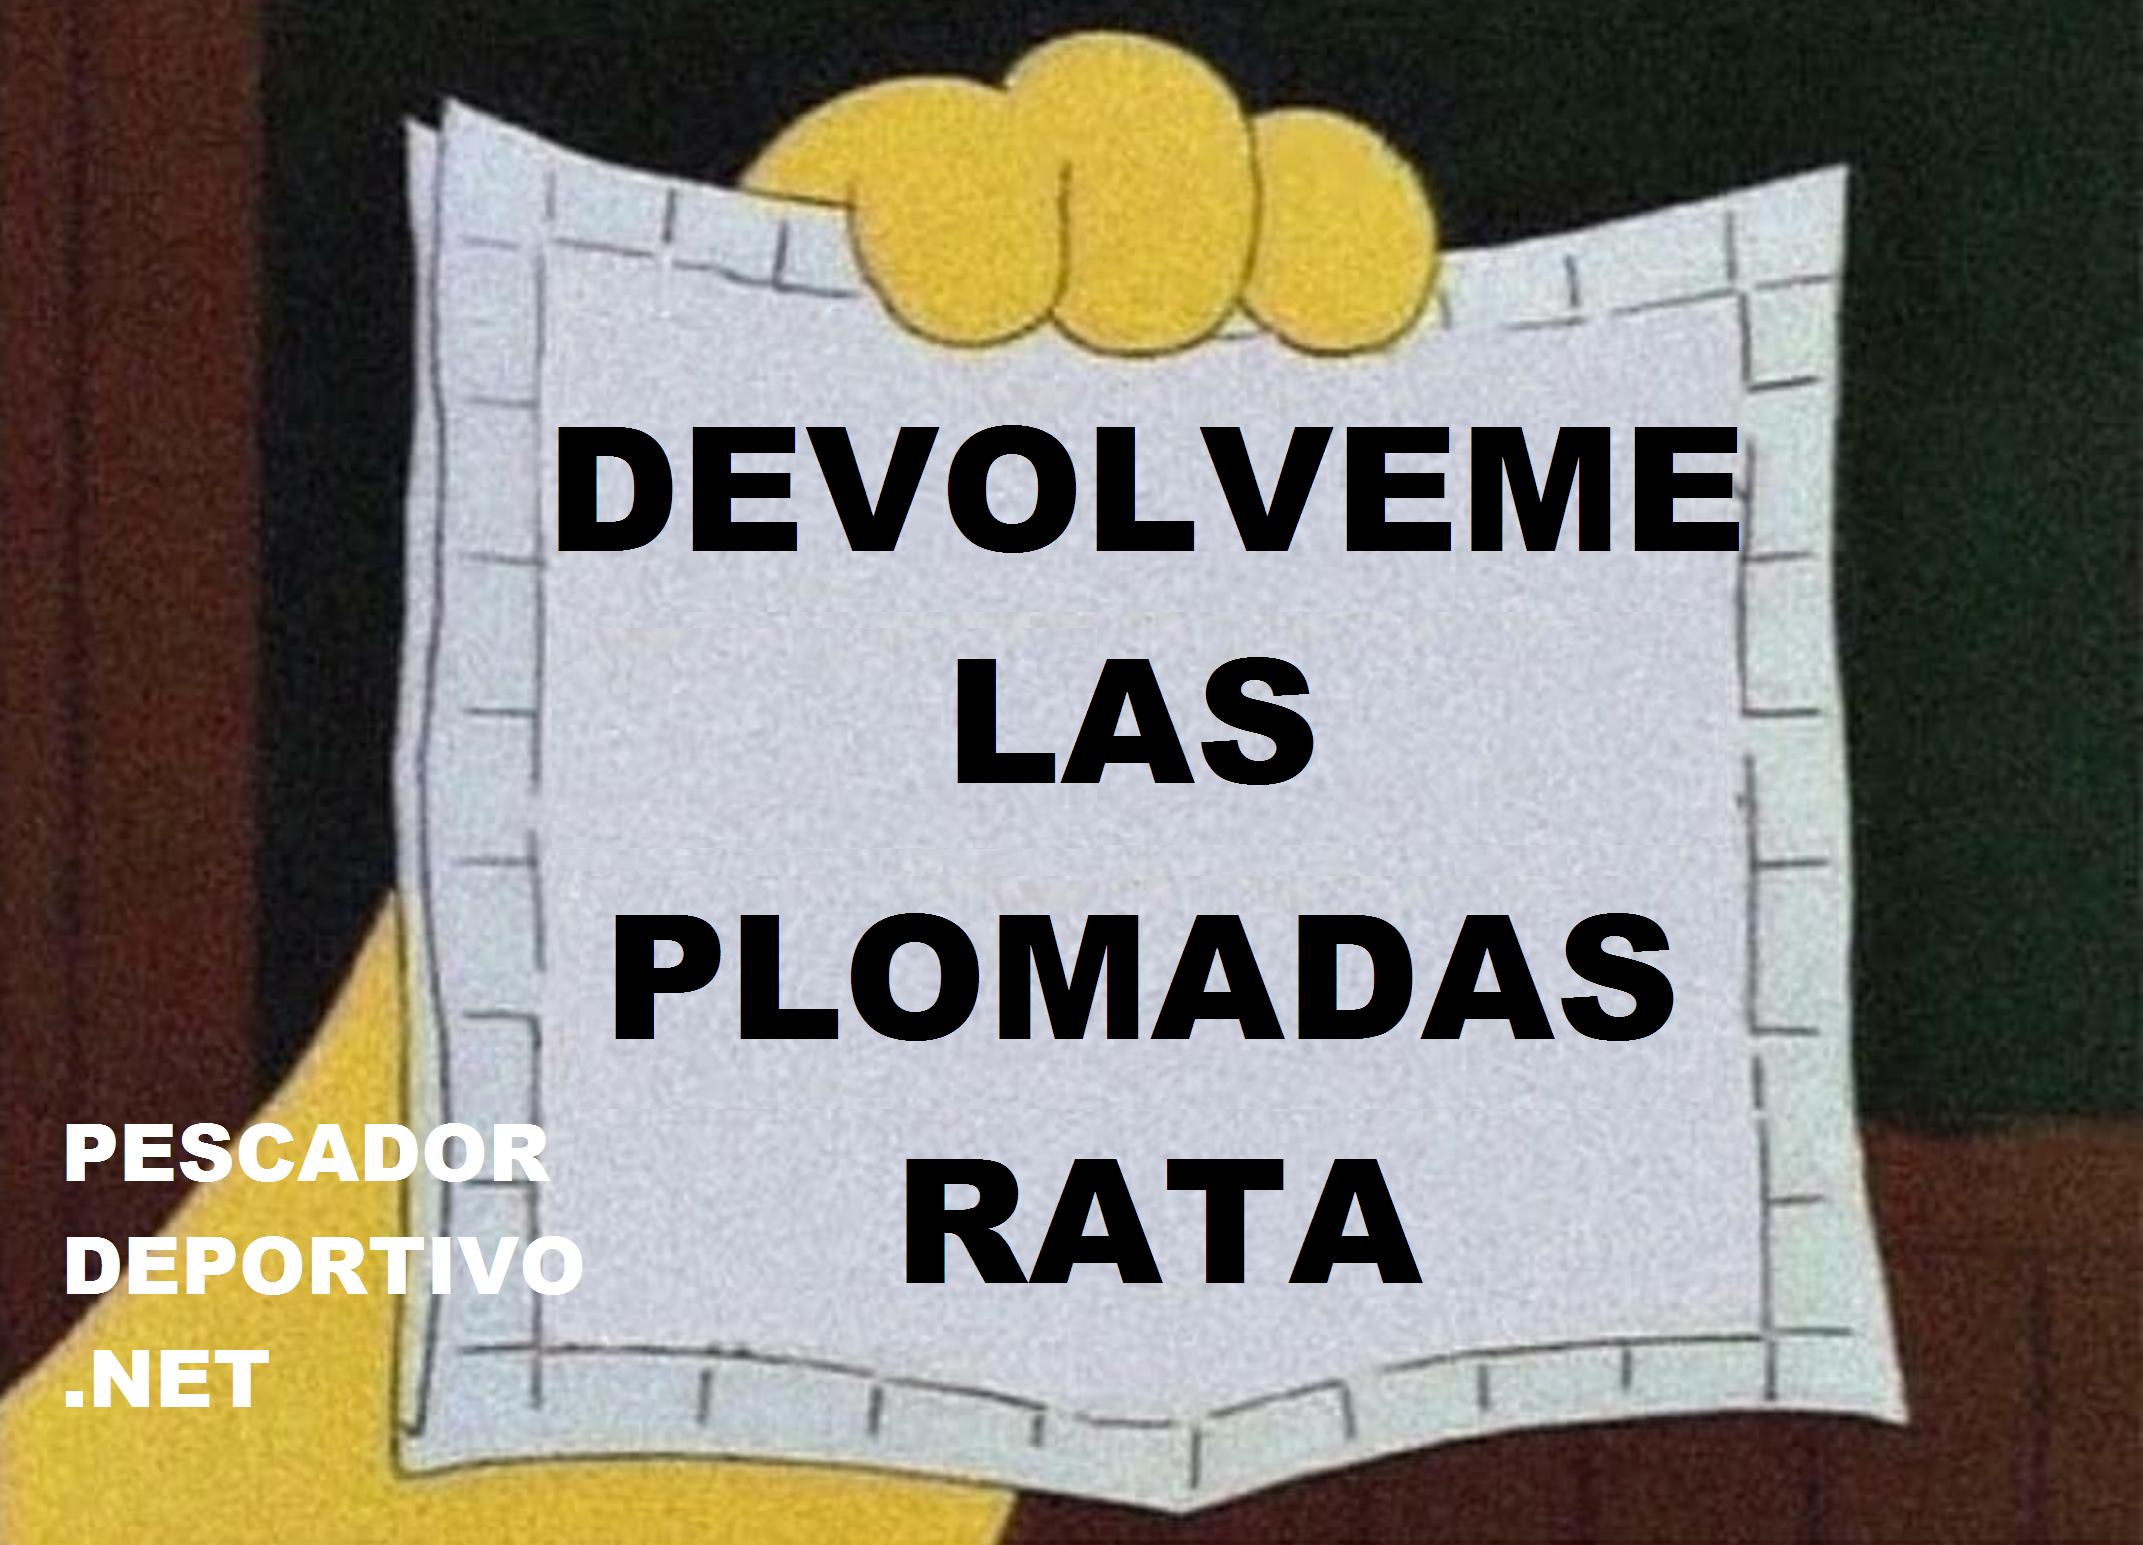 DEVOLVEME LAS PLOMADAS